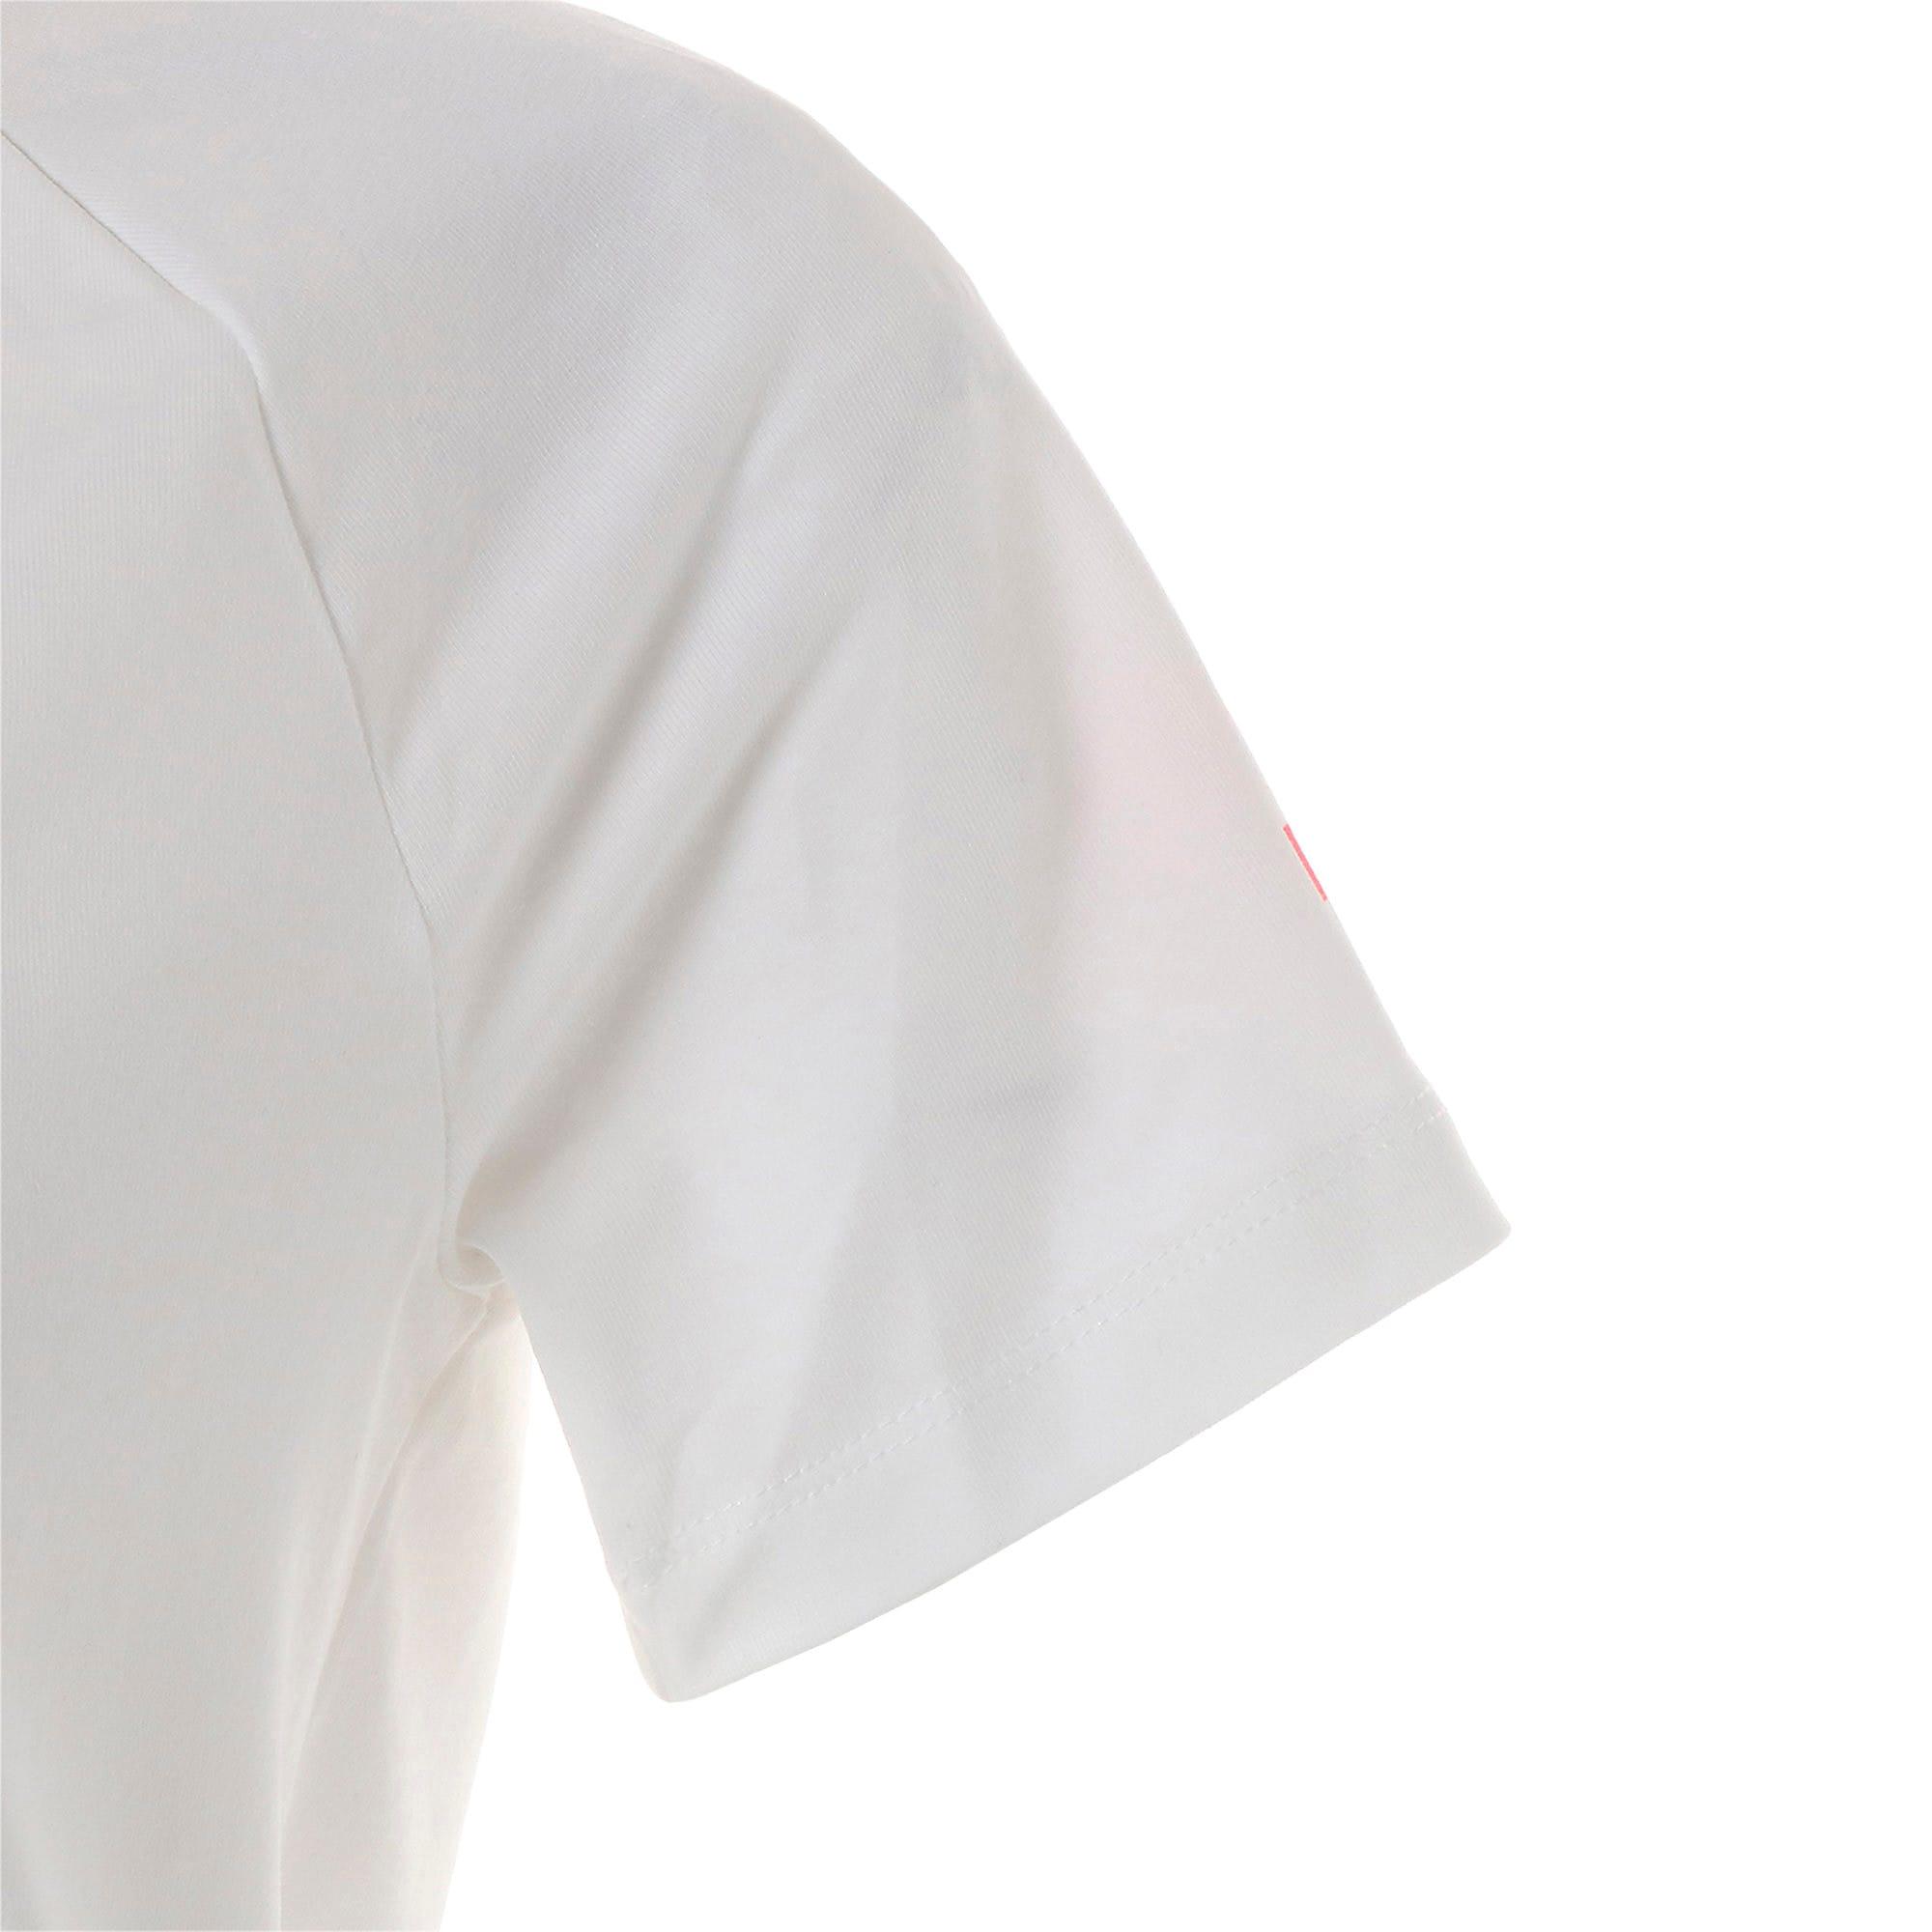 Thumbnail 7 of プーマ XTG ウィメンズ グラフィック SS Tシャツ 半袖, Puma White, medium-JPN